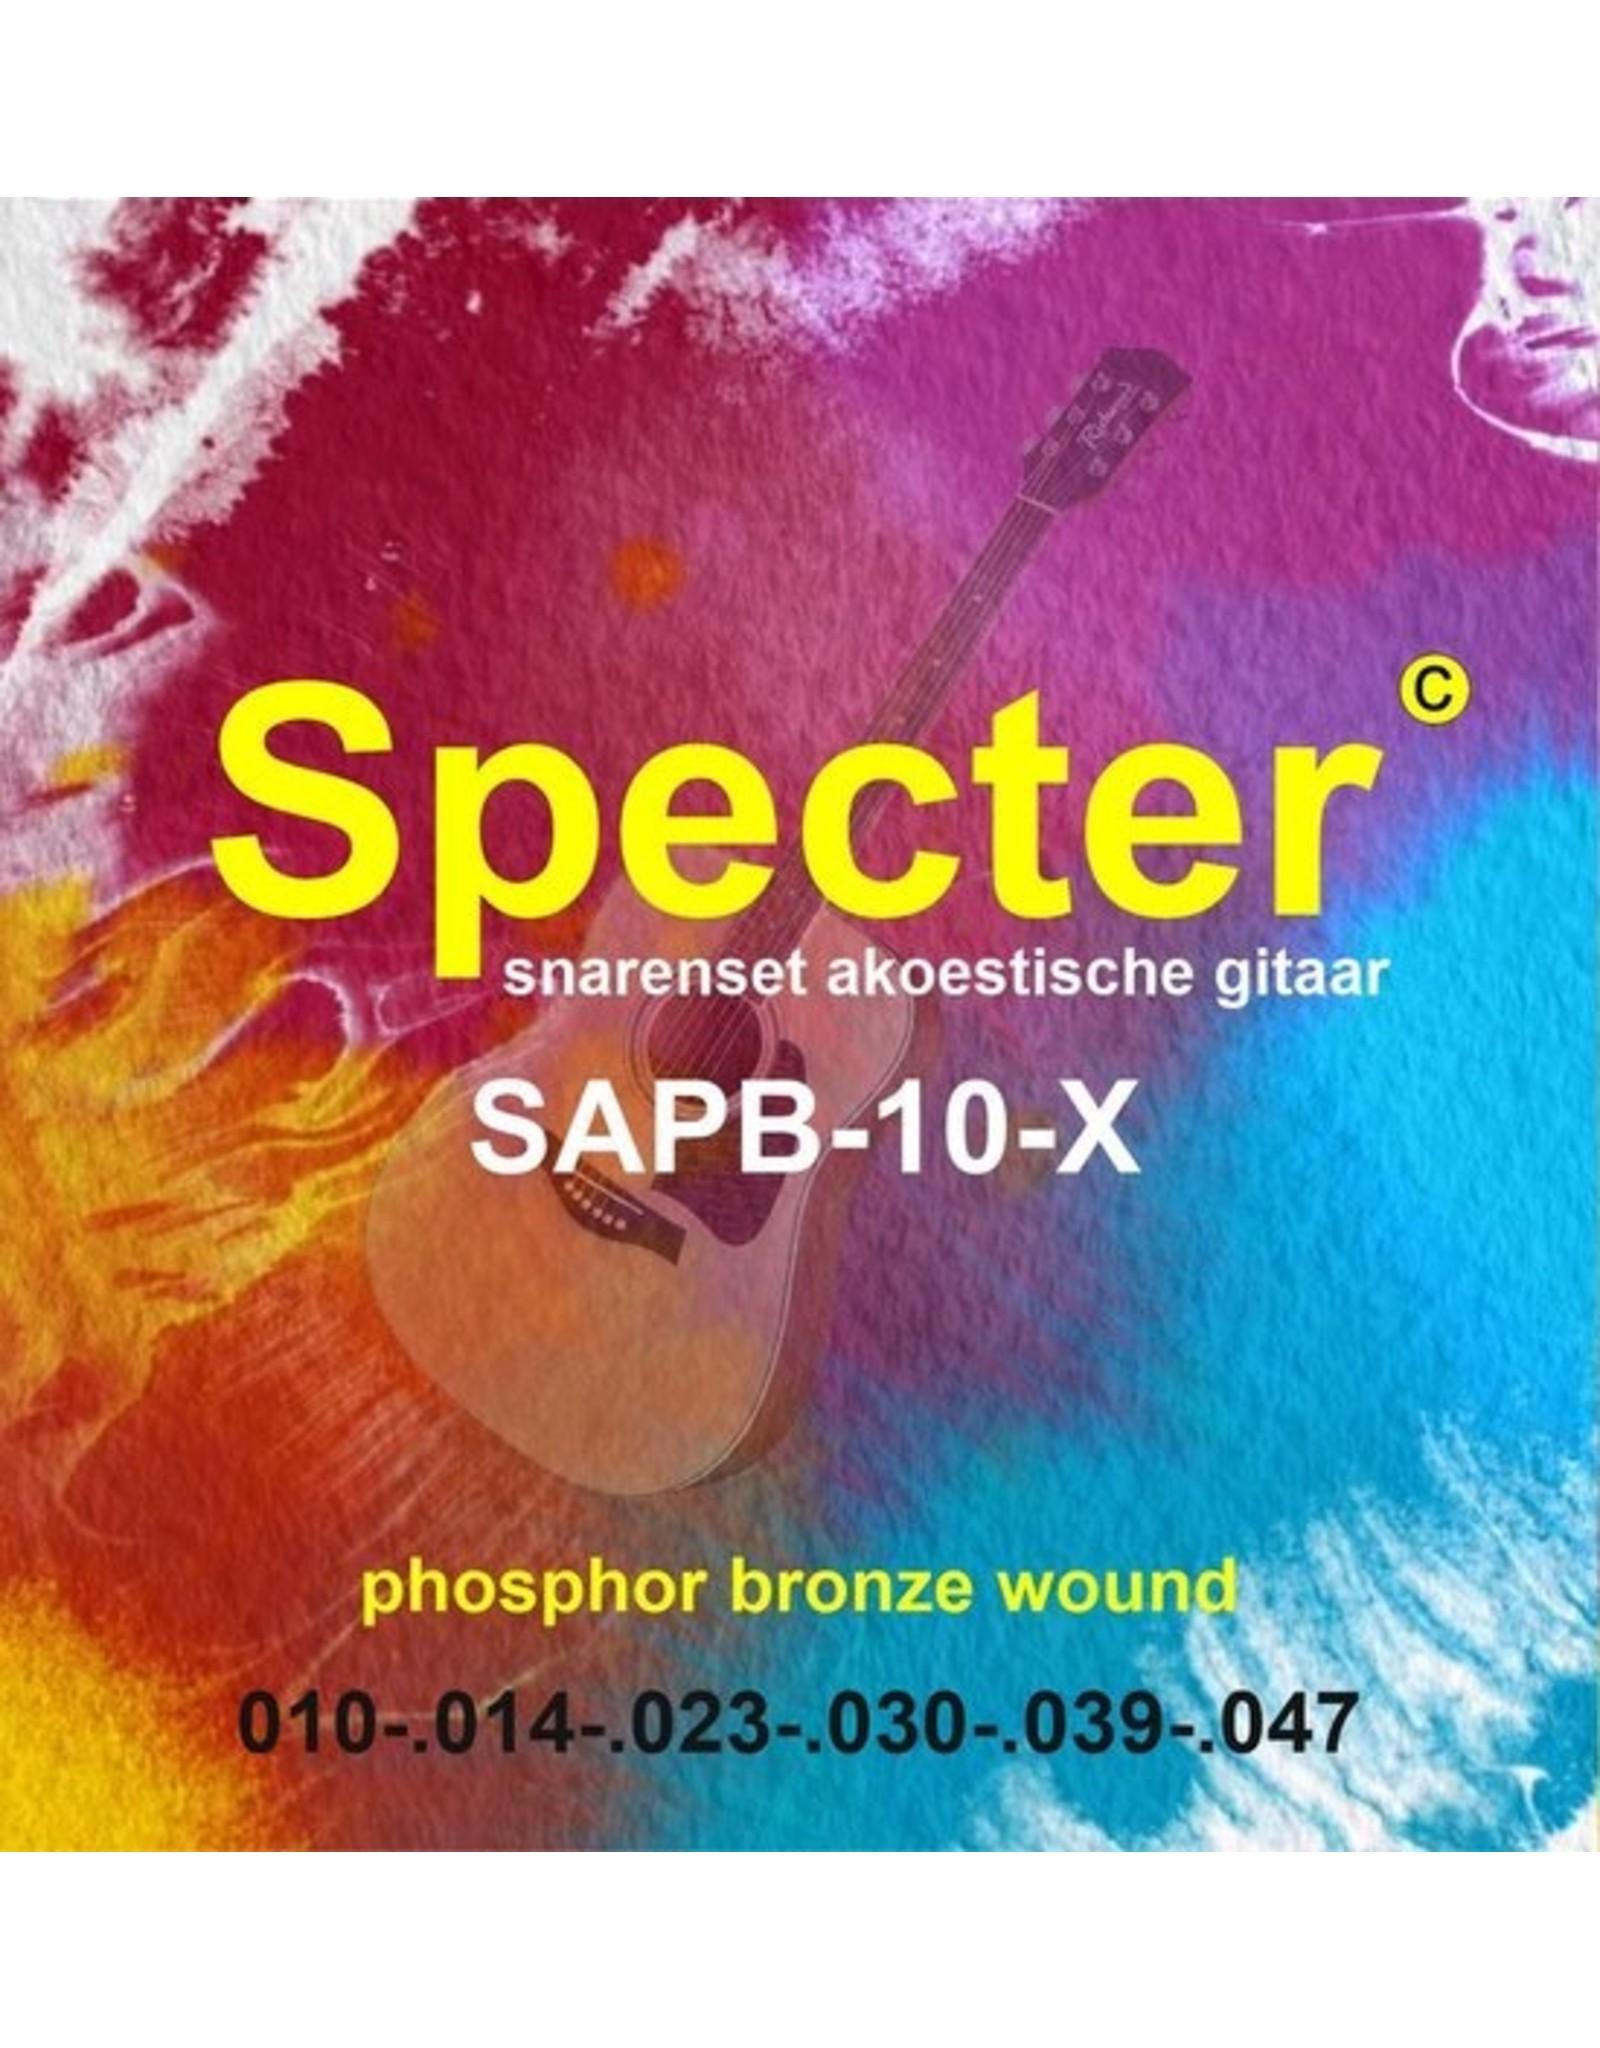 Specter Specter Strings premium professionele snaren voor de Akoestische Gitaar | Akoestische snarenset | Stalen snaren | Western gitaar